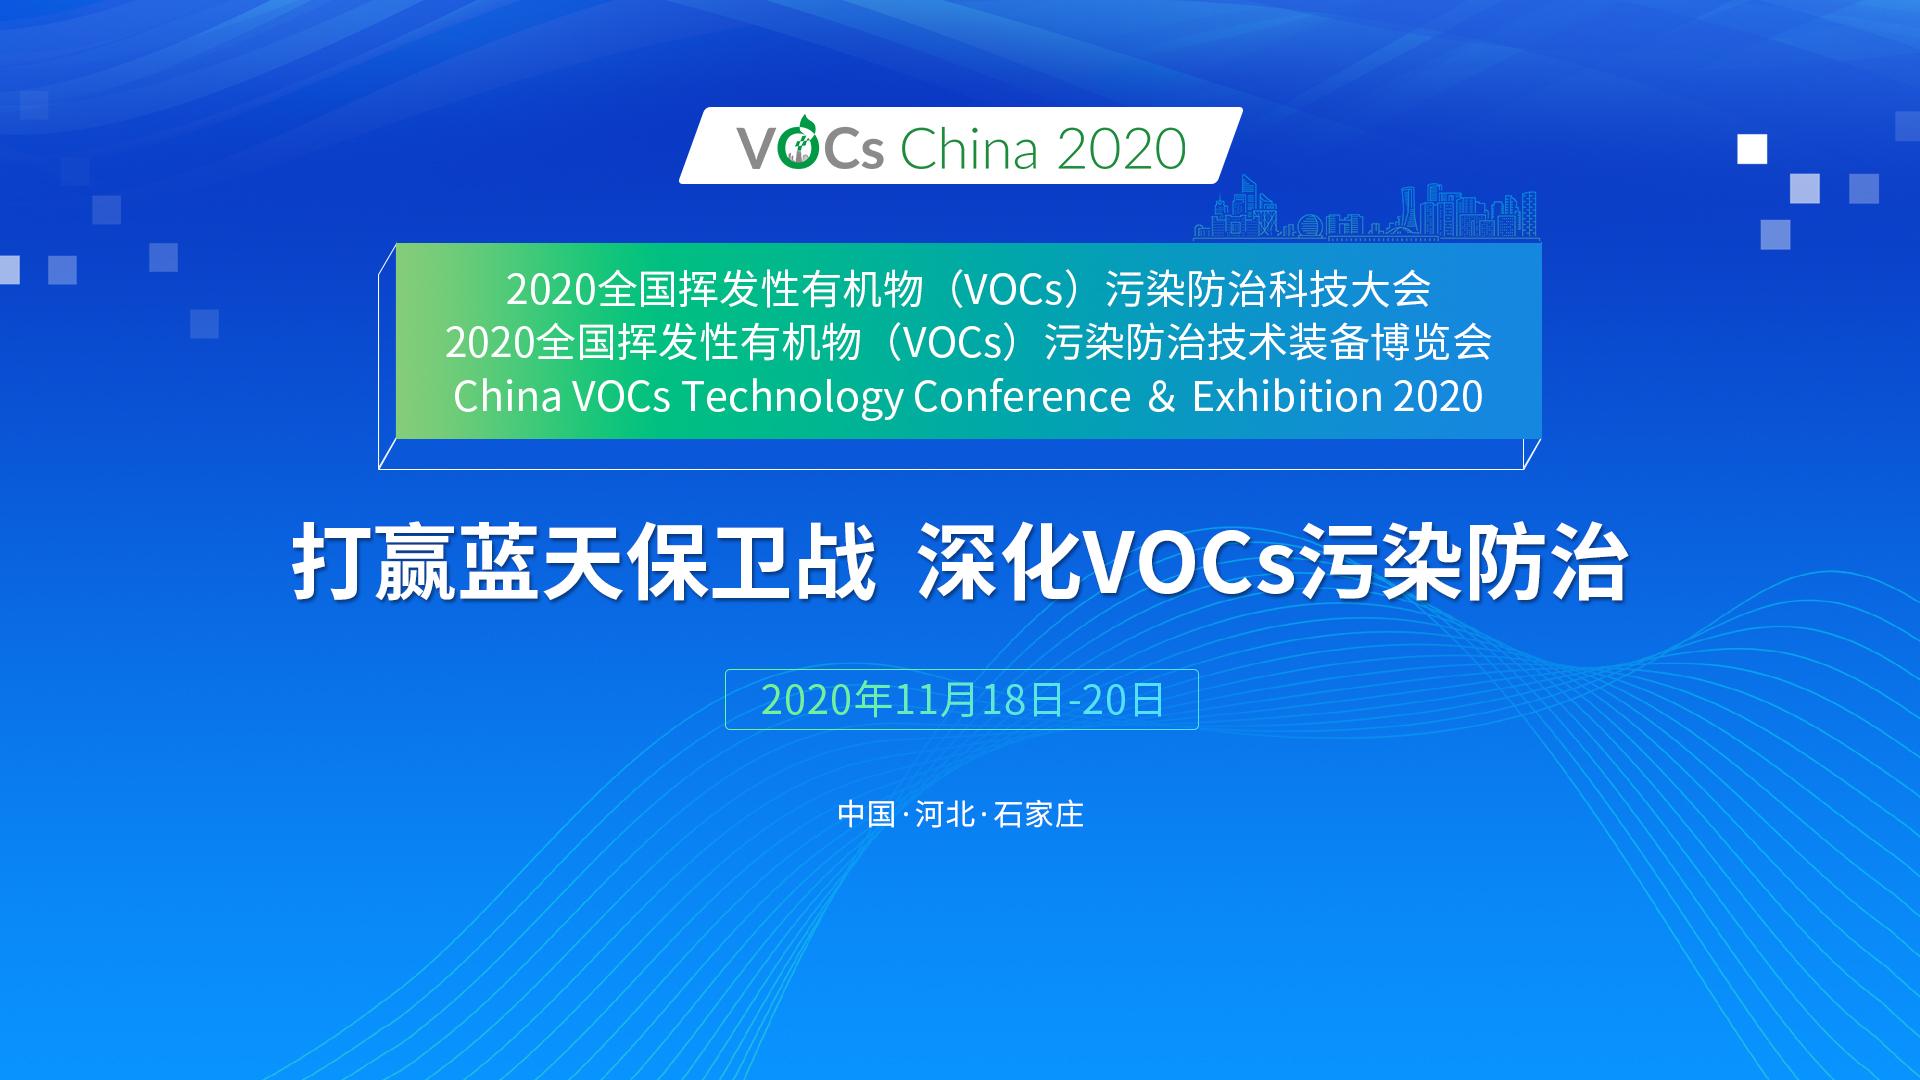 【高端对话】2020全国挥发性有机物(VOCs)污染防治科技大会